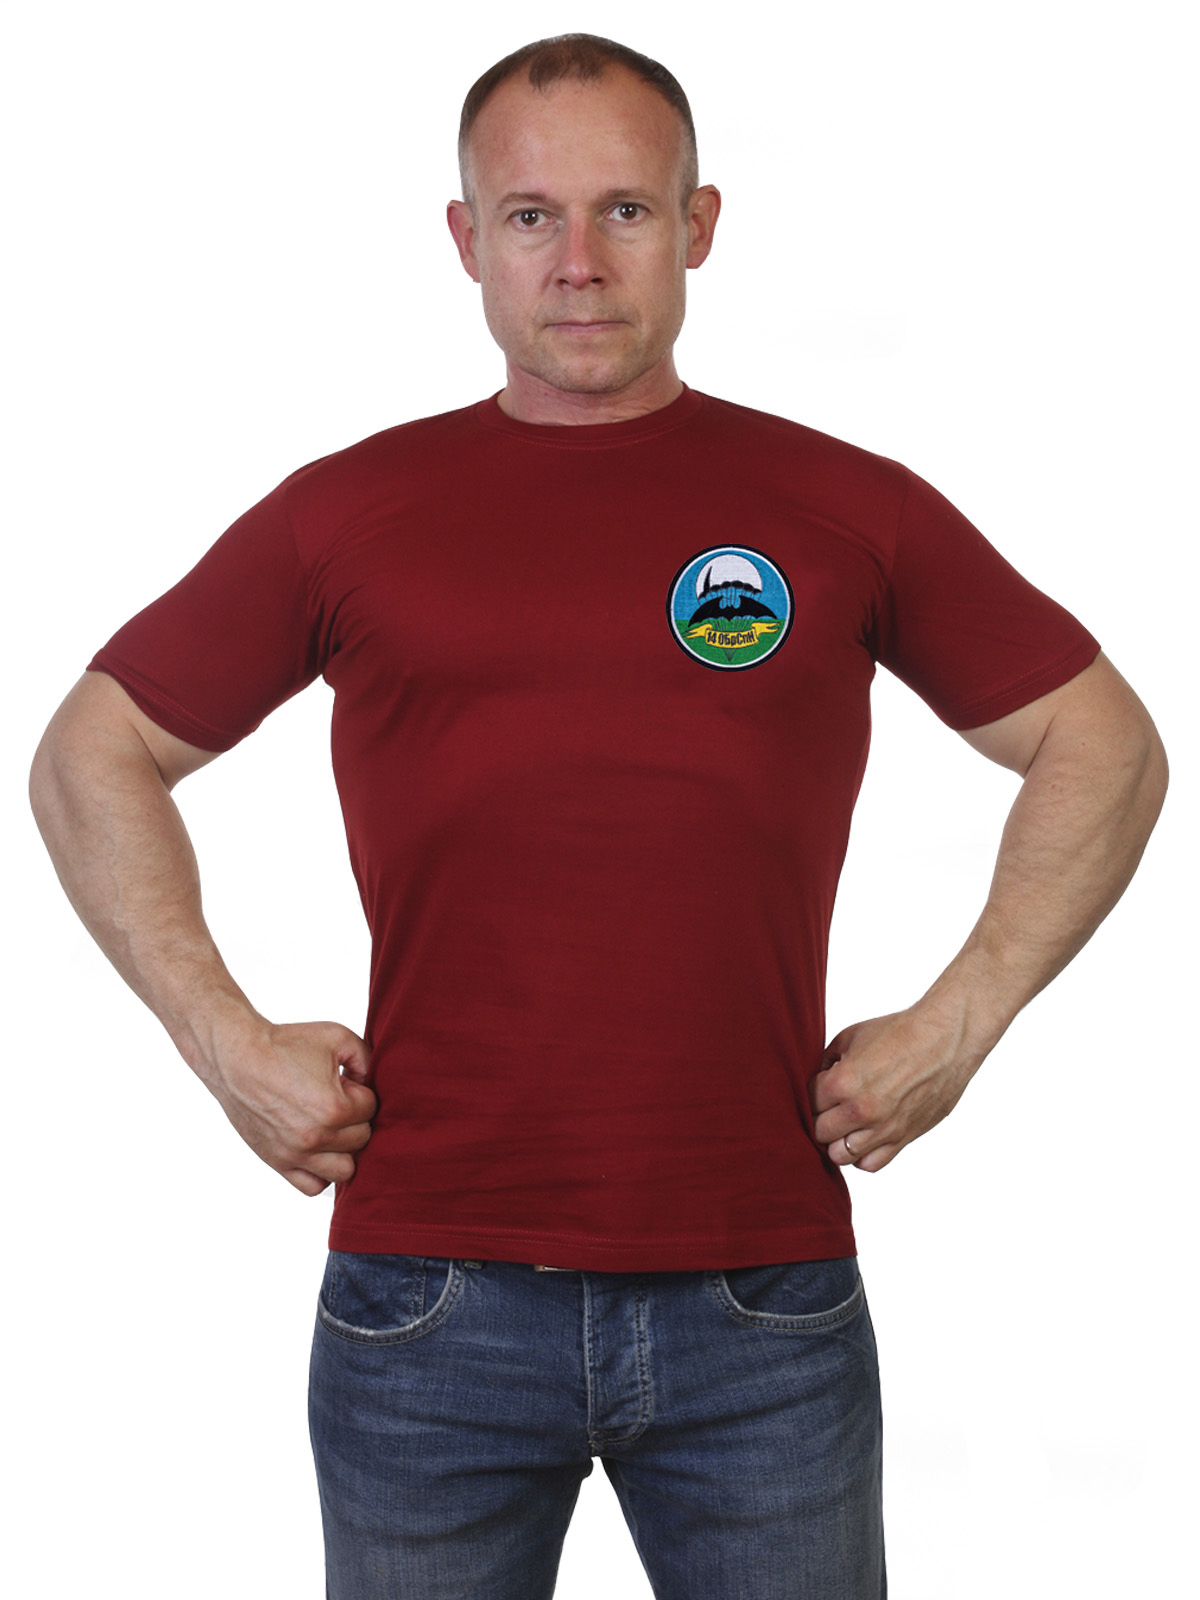 Купить в интернет магазине футболку 14 ОБрСпН ГРУ